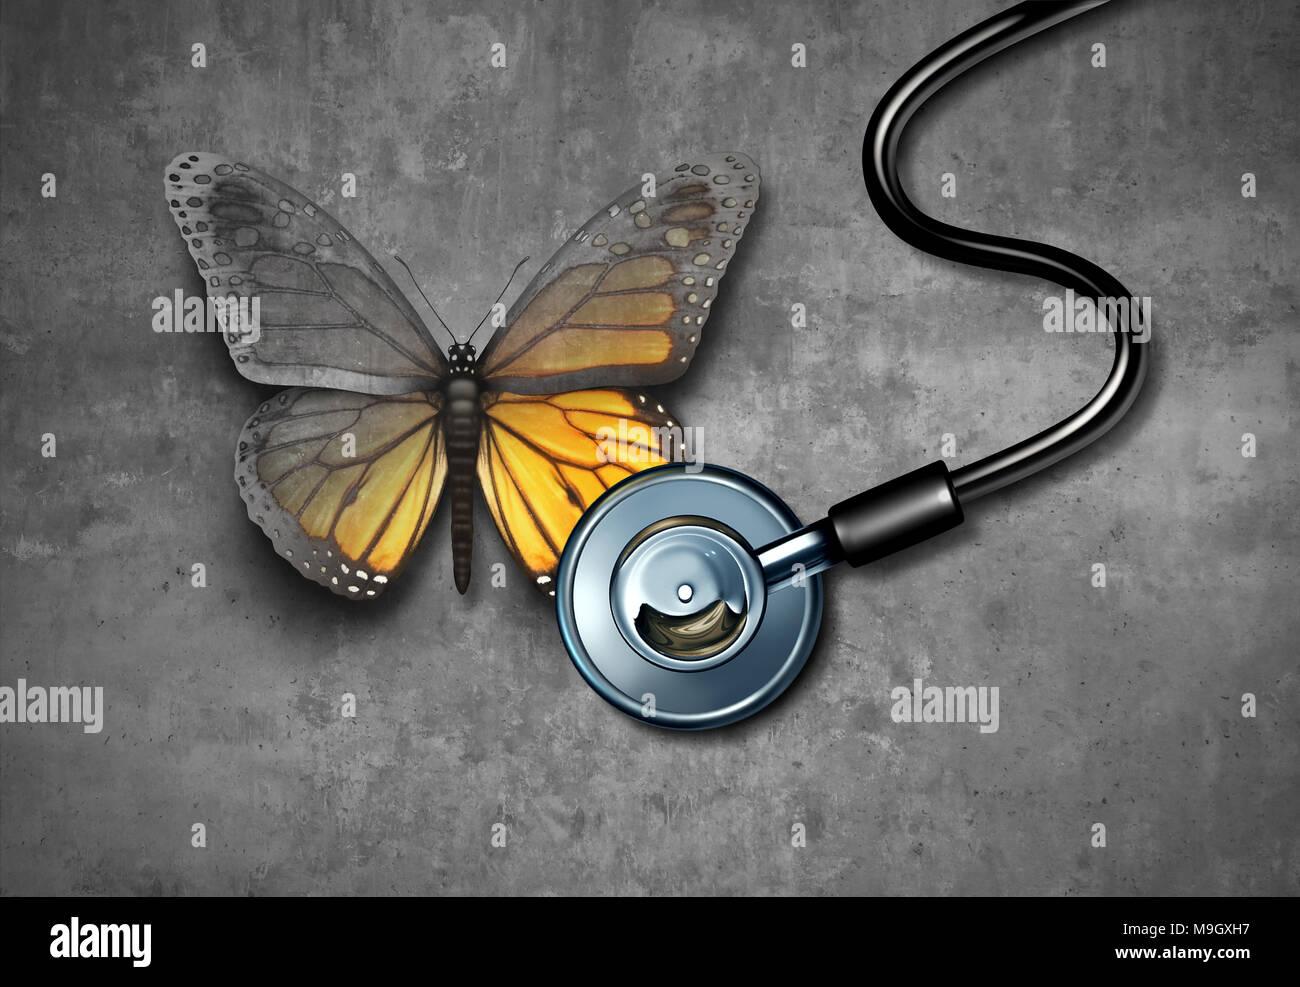 Recupero medicale e la guarigione attraverso il medico il concetto di riabilitazione come una farfalla grigio essendo rivive attraverso il trattamento mediante uno stetoscopio. Immagini Stock